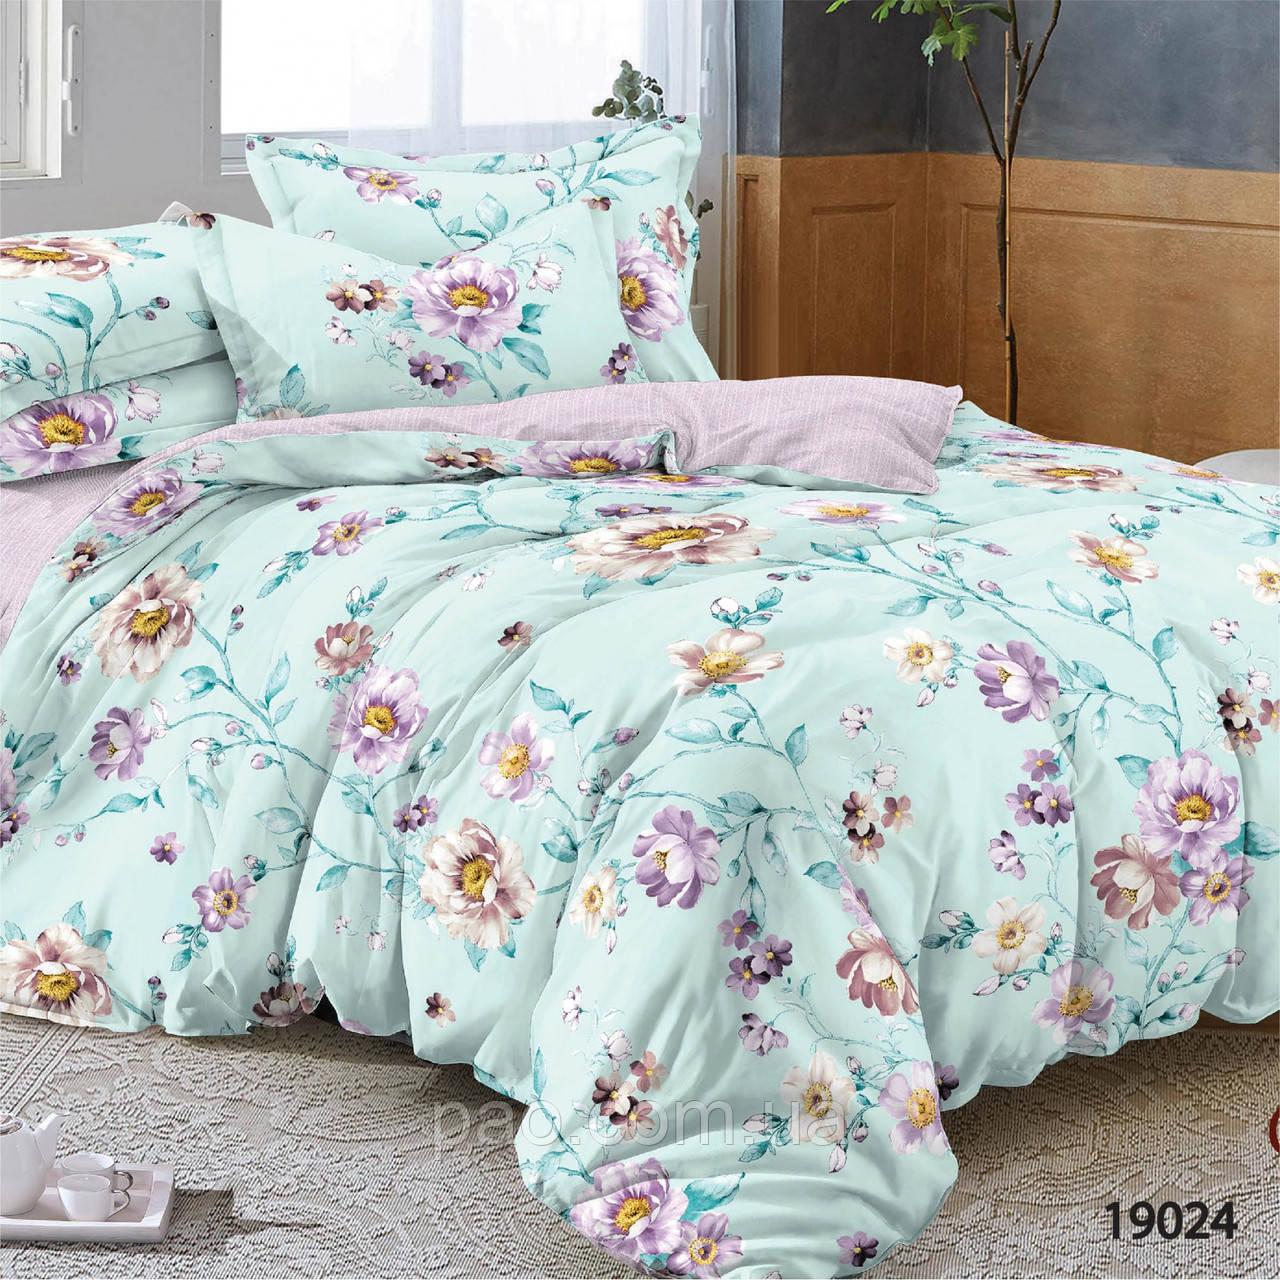 Постельное белье Цвет сакуры, ранфорс, 2-спальный набор